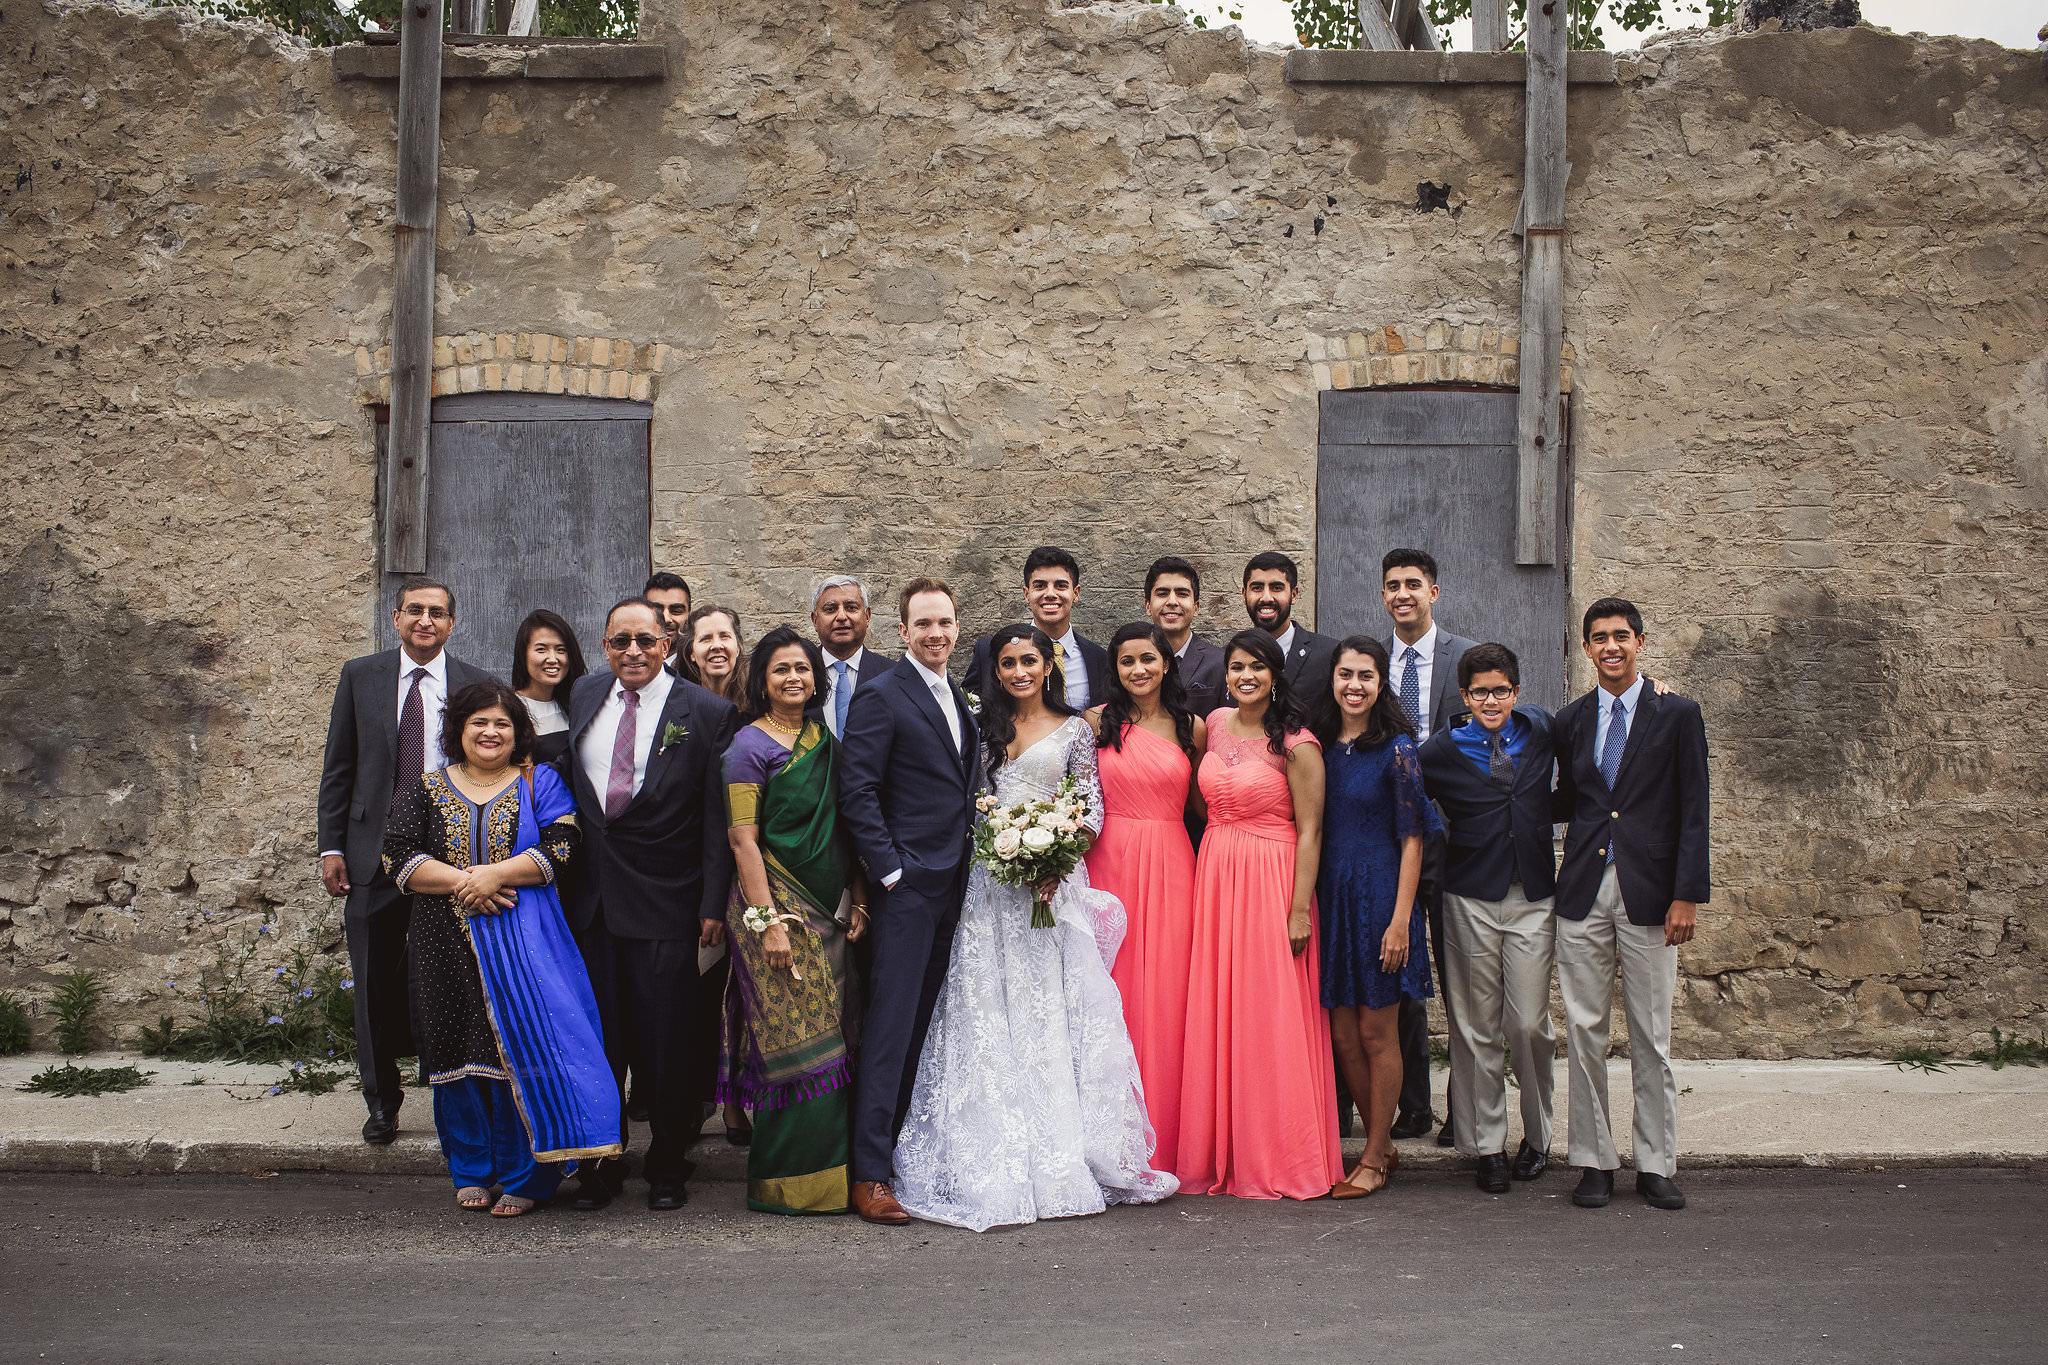 eloramillwedding 526 - Elora Mill Wedding